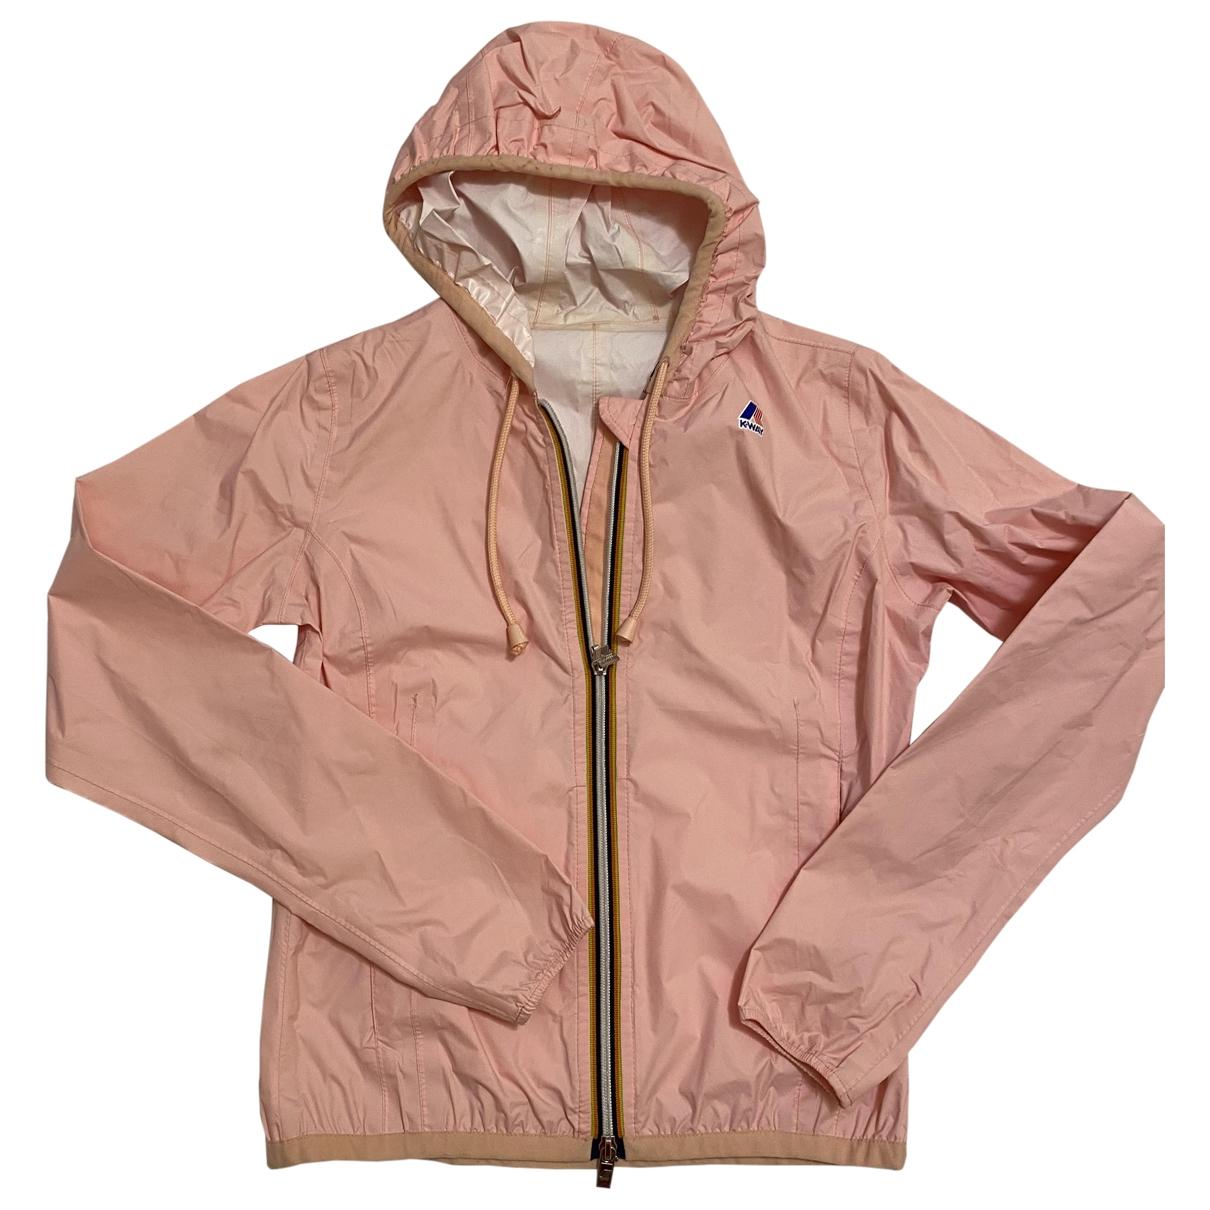 K-way \N Pink jacket for Women 40 IT